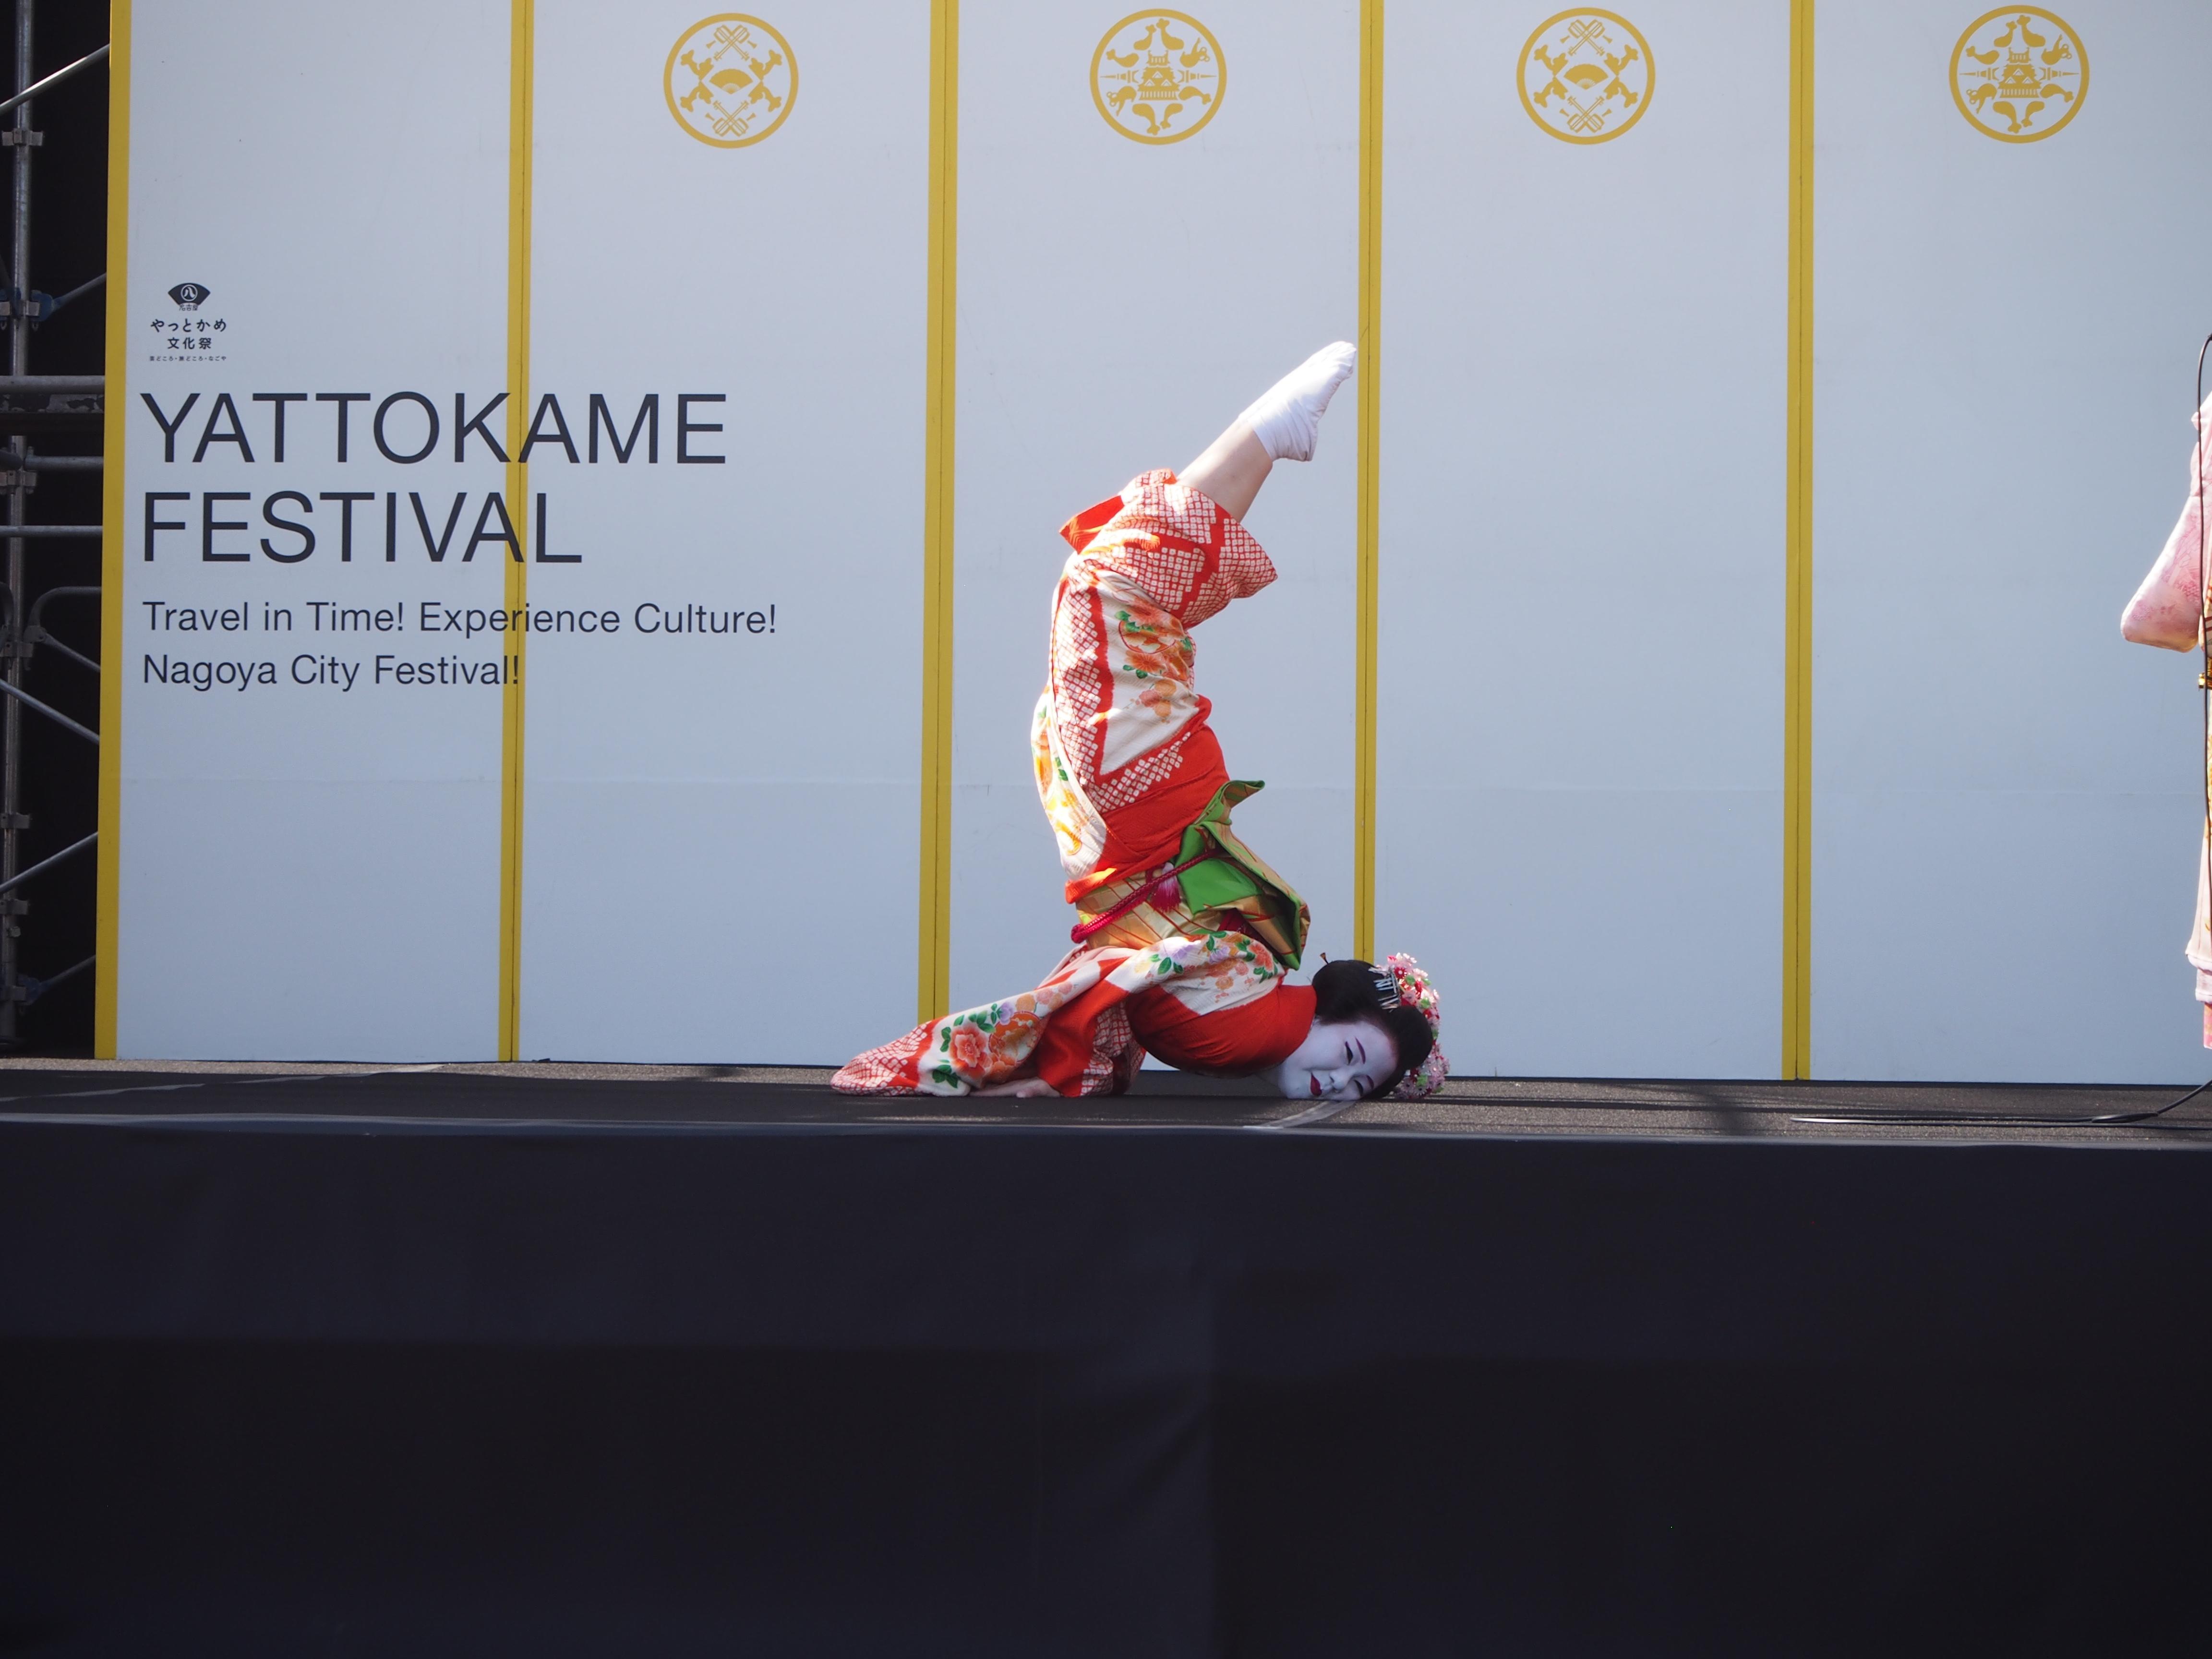 やっとかめ文化祭・名物企画体験レポ&フィナーレ情報も! - PB110050